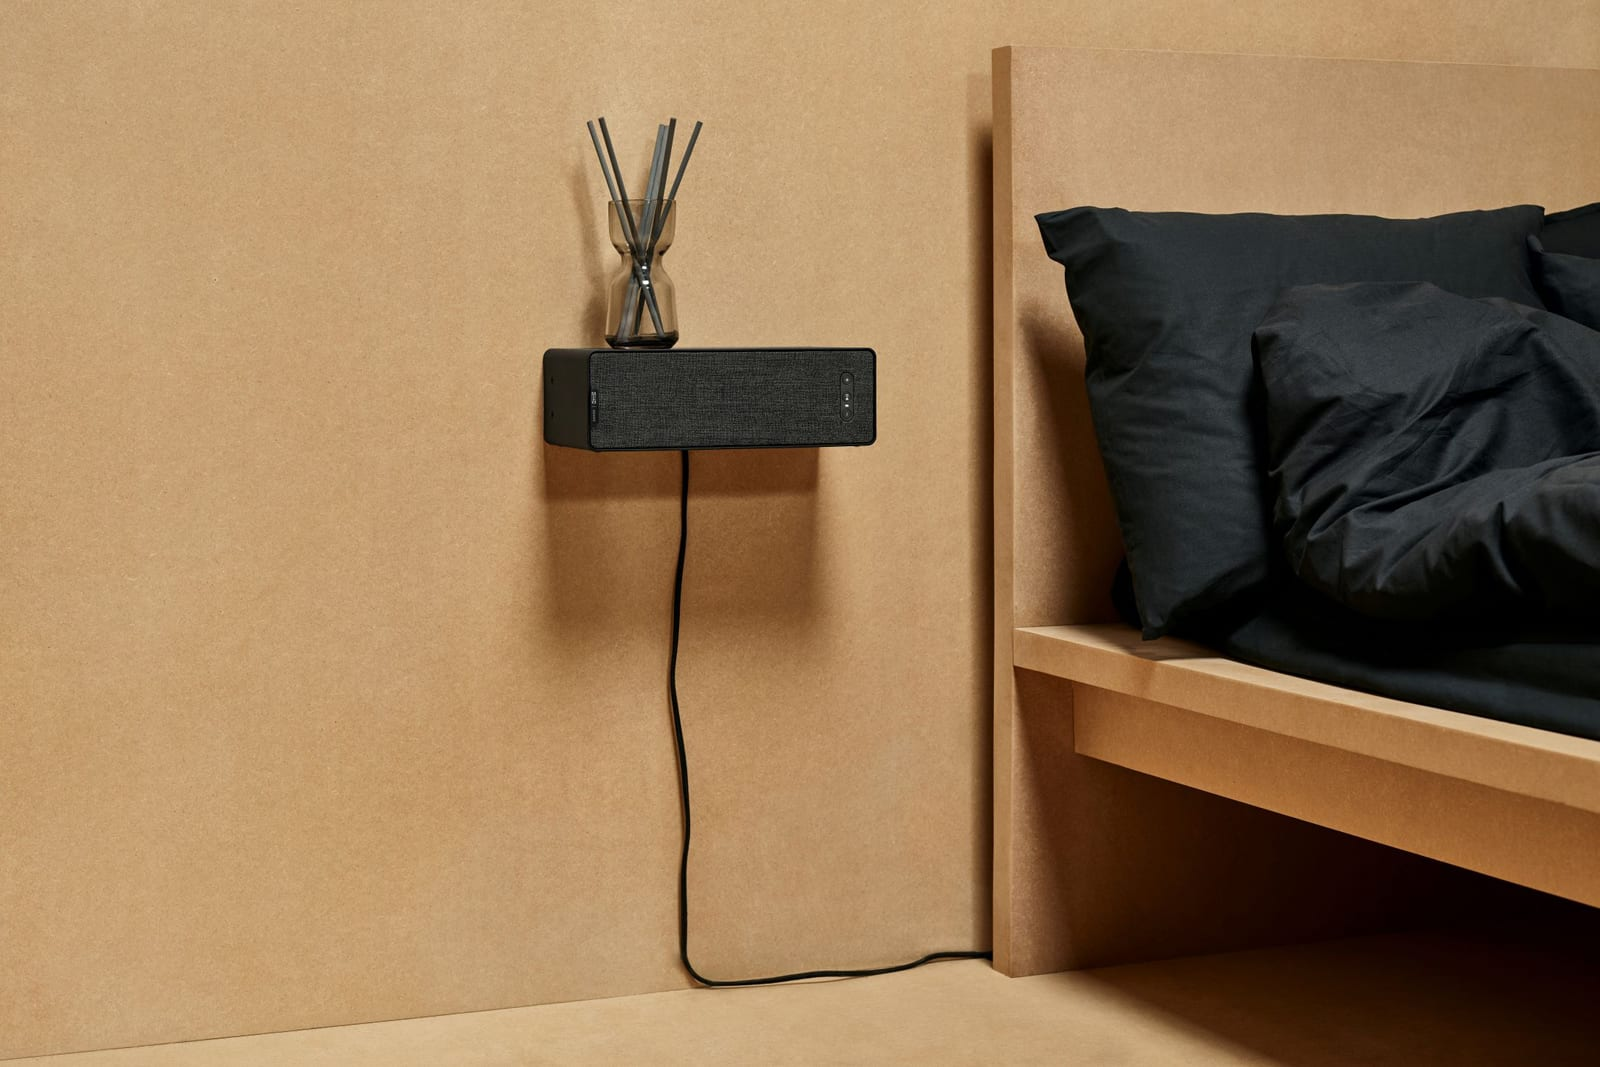 IKEA's Sonos-based SYMFONISK speaker